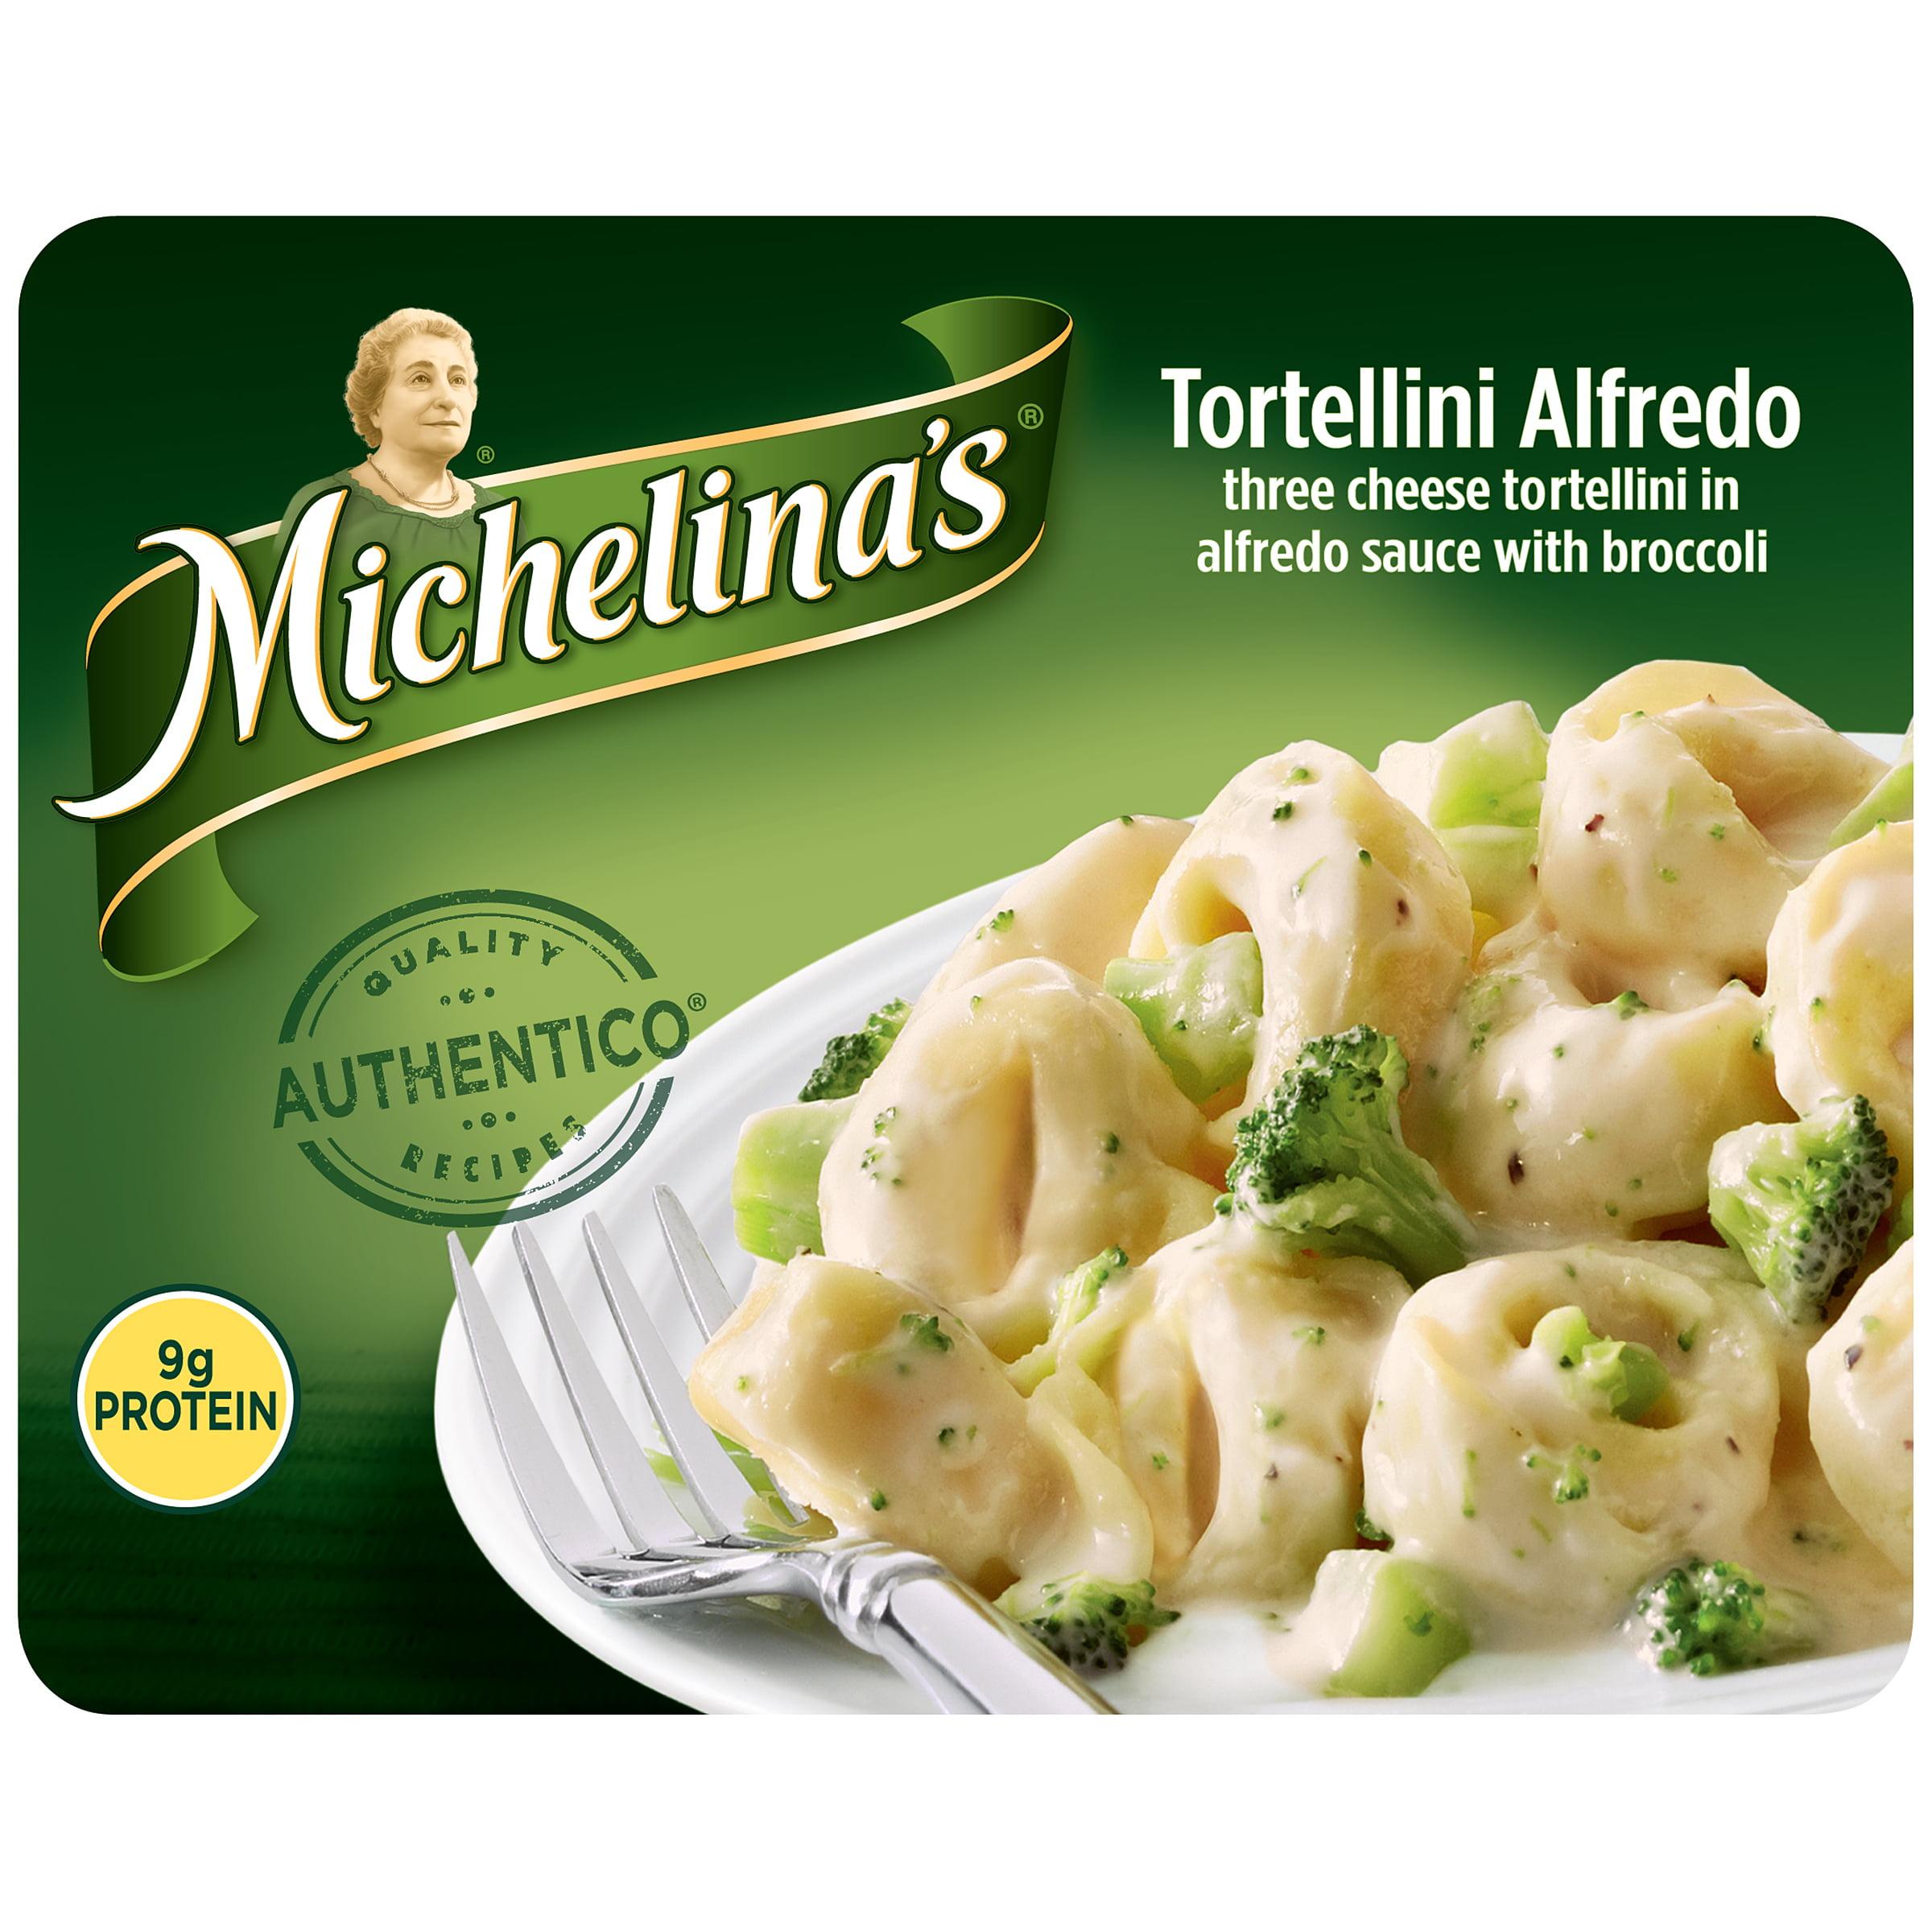 Michelina's�� Authentico�� Tortellini Alfredo 7.5 oz. Pack